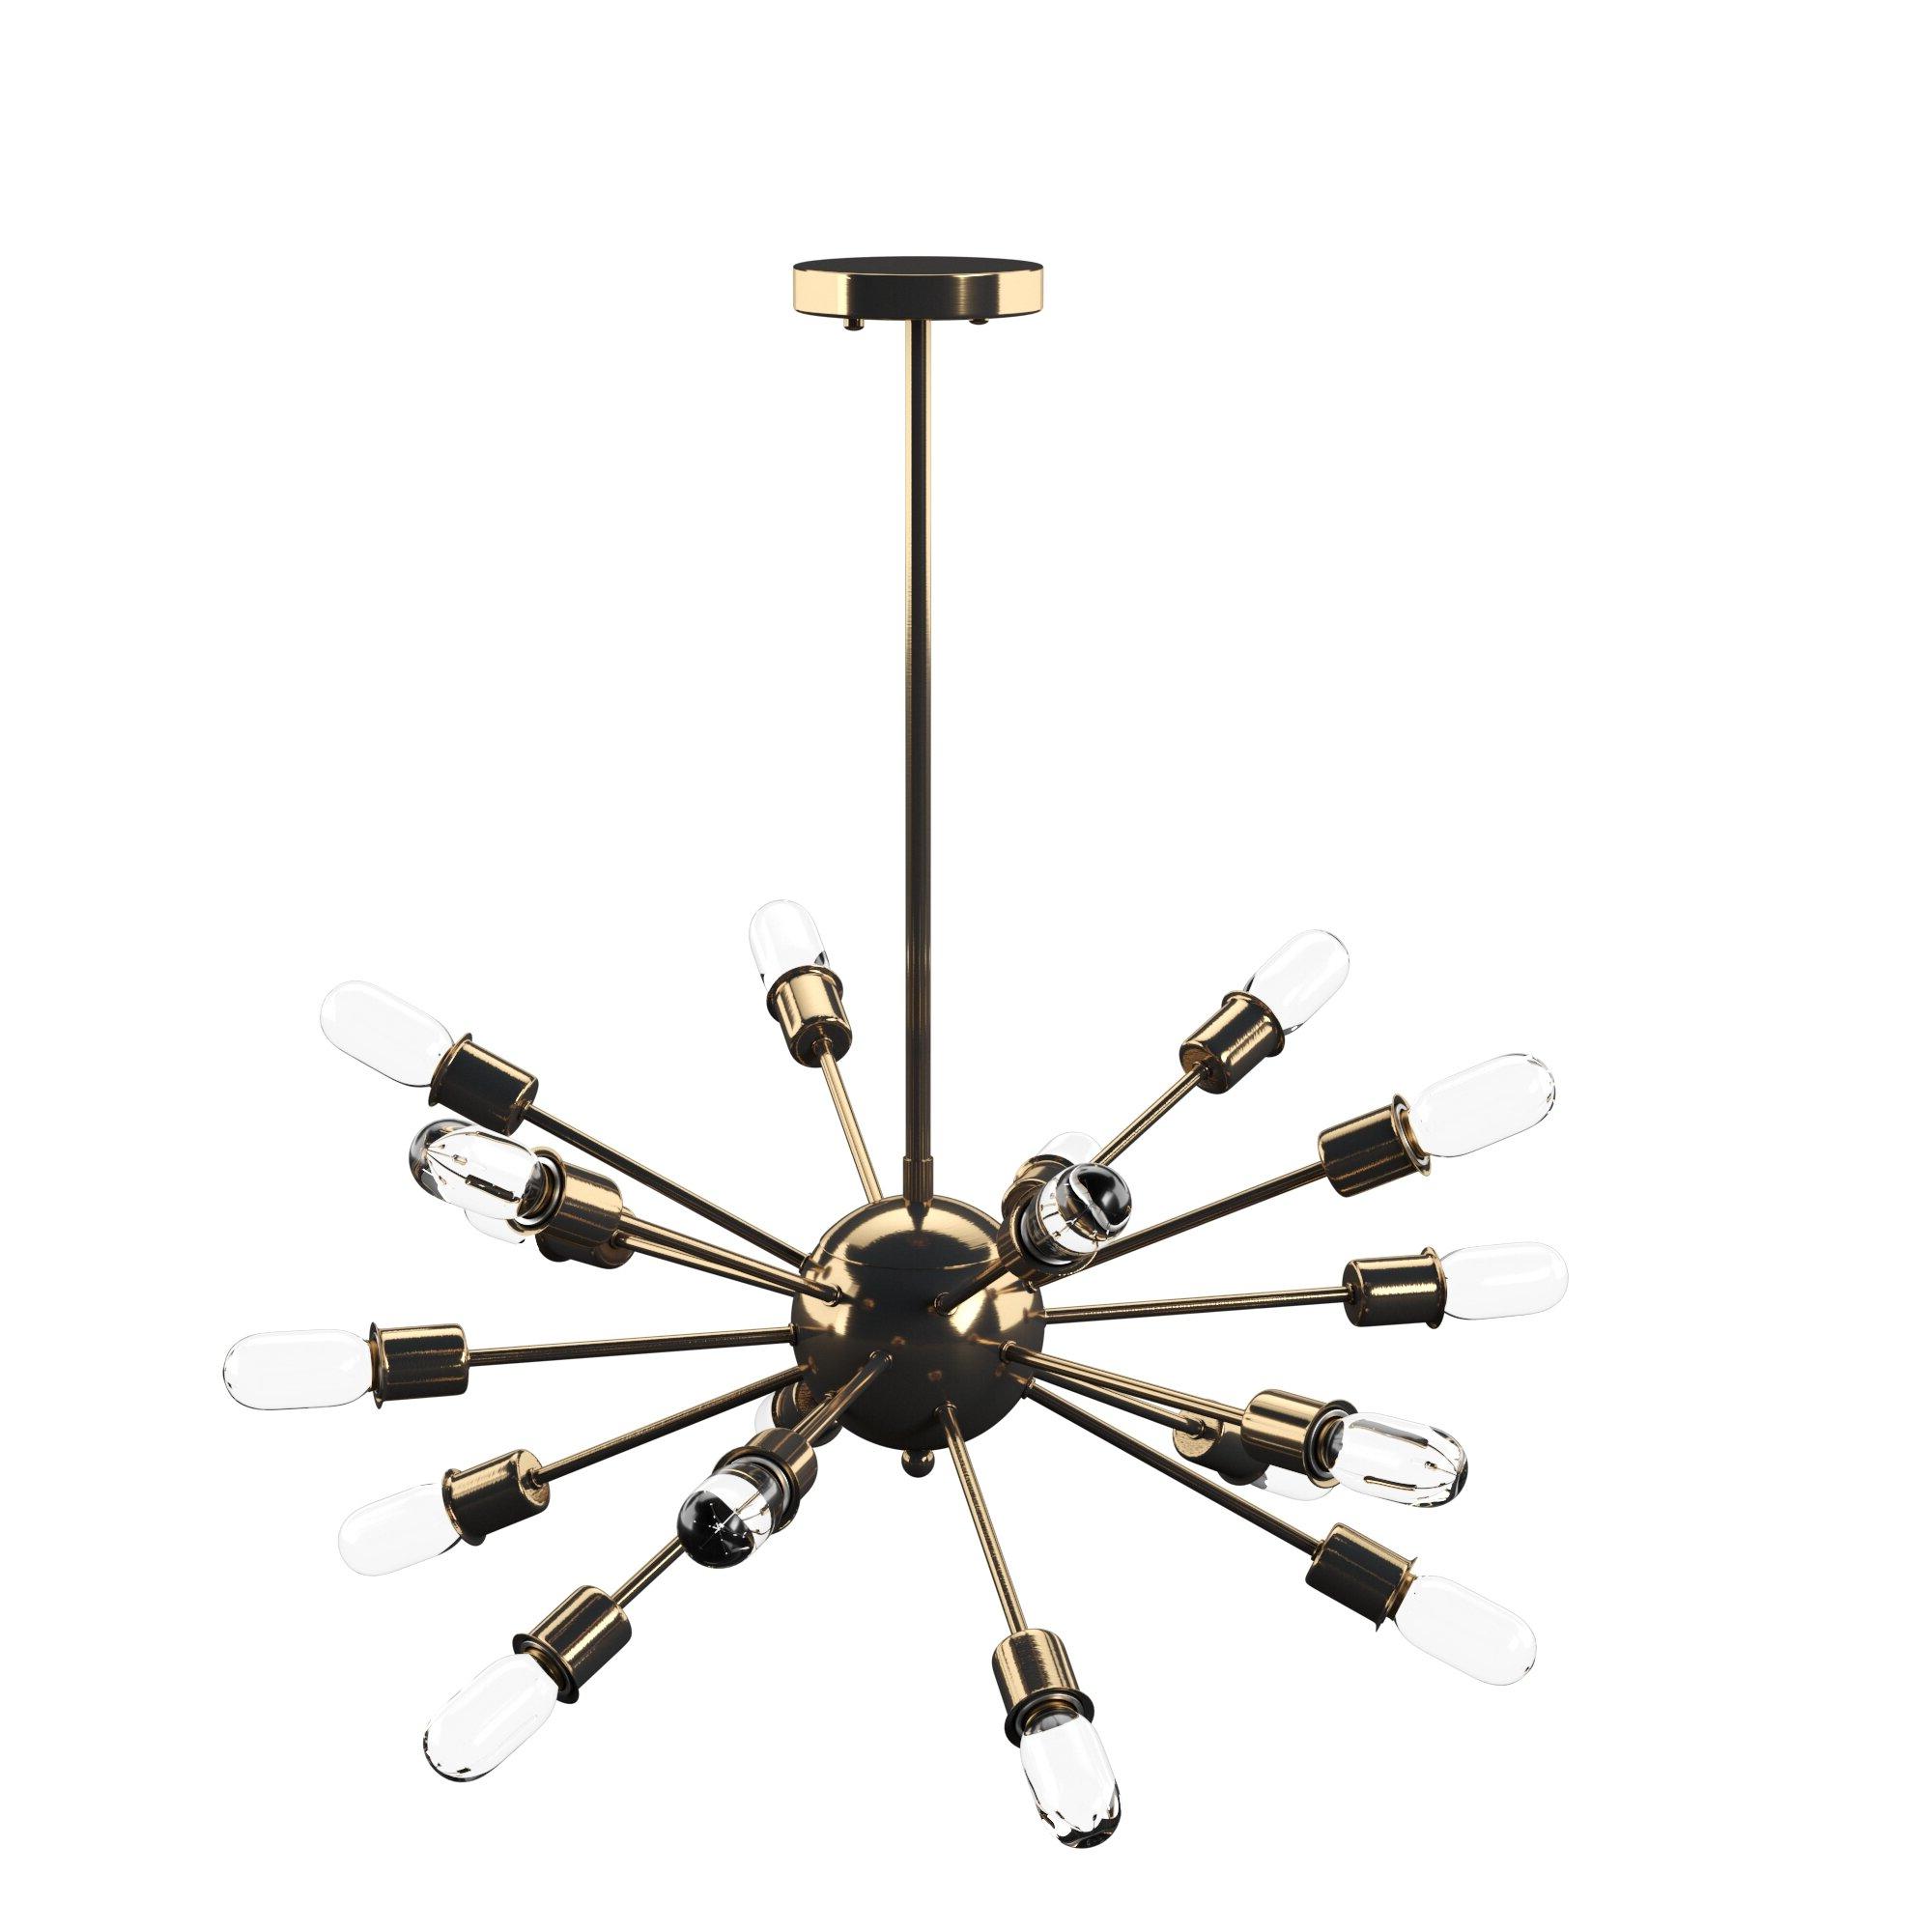 Defreitas 18 Light Sputnik Chandelier Intended For Well Known Defreitas 18 Light Sputnik Chandeliers (Gallery 1 of 20)